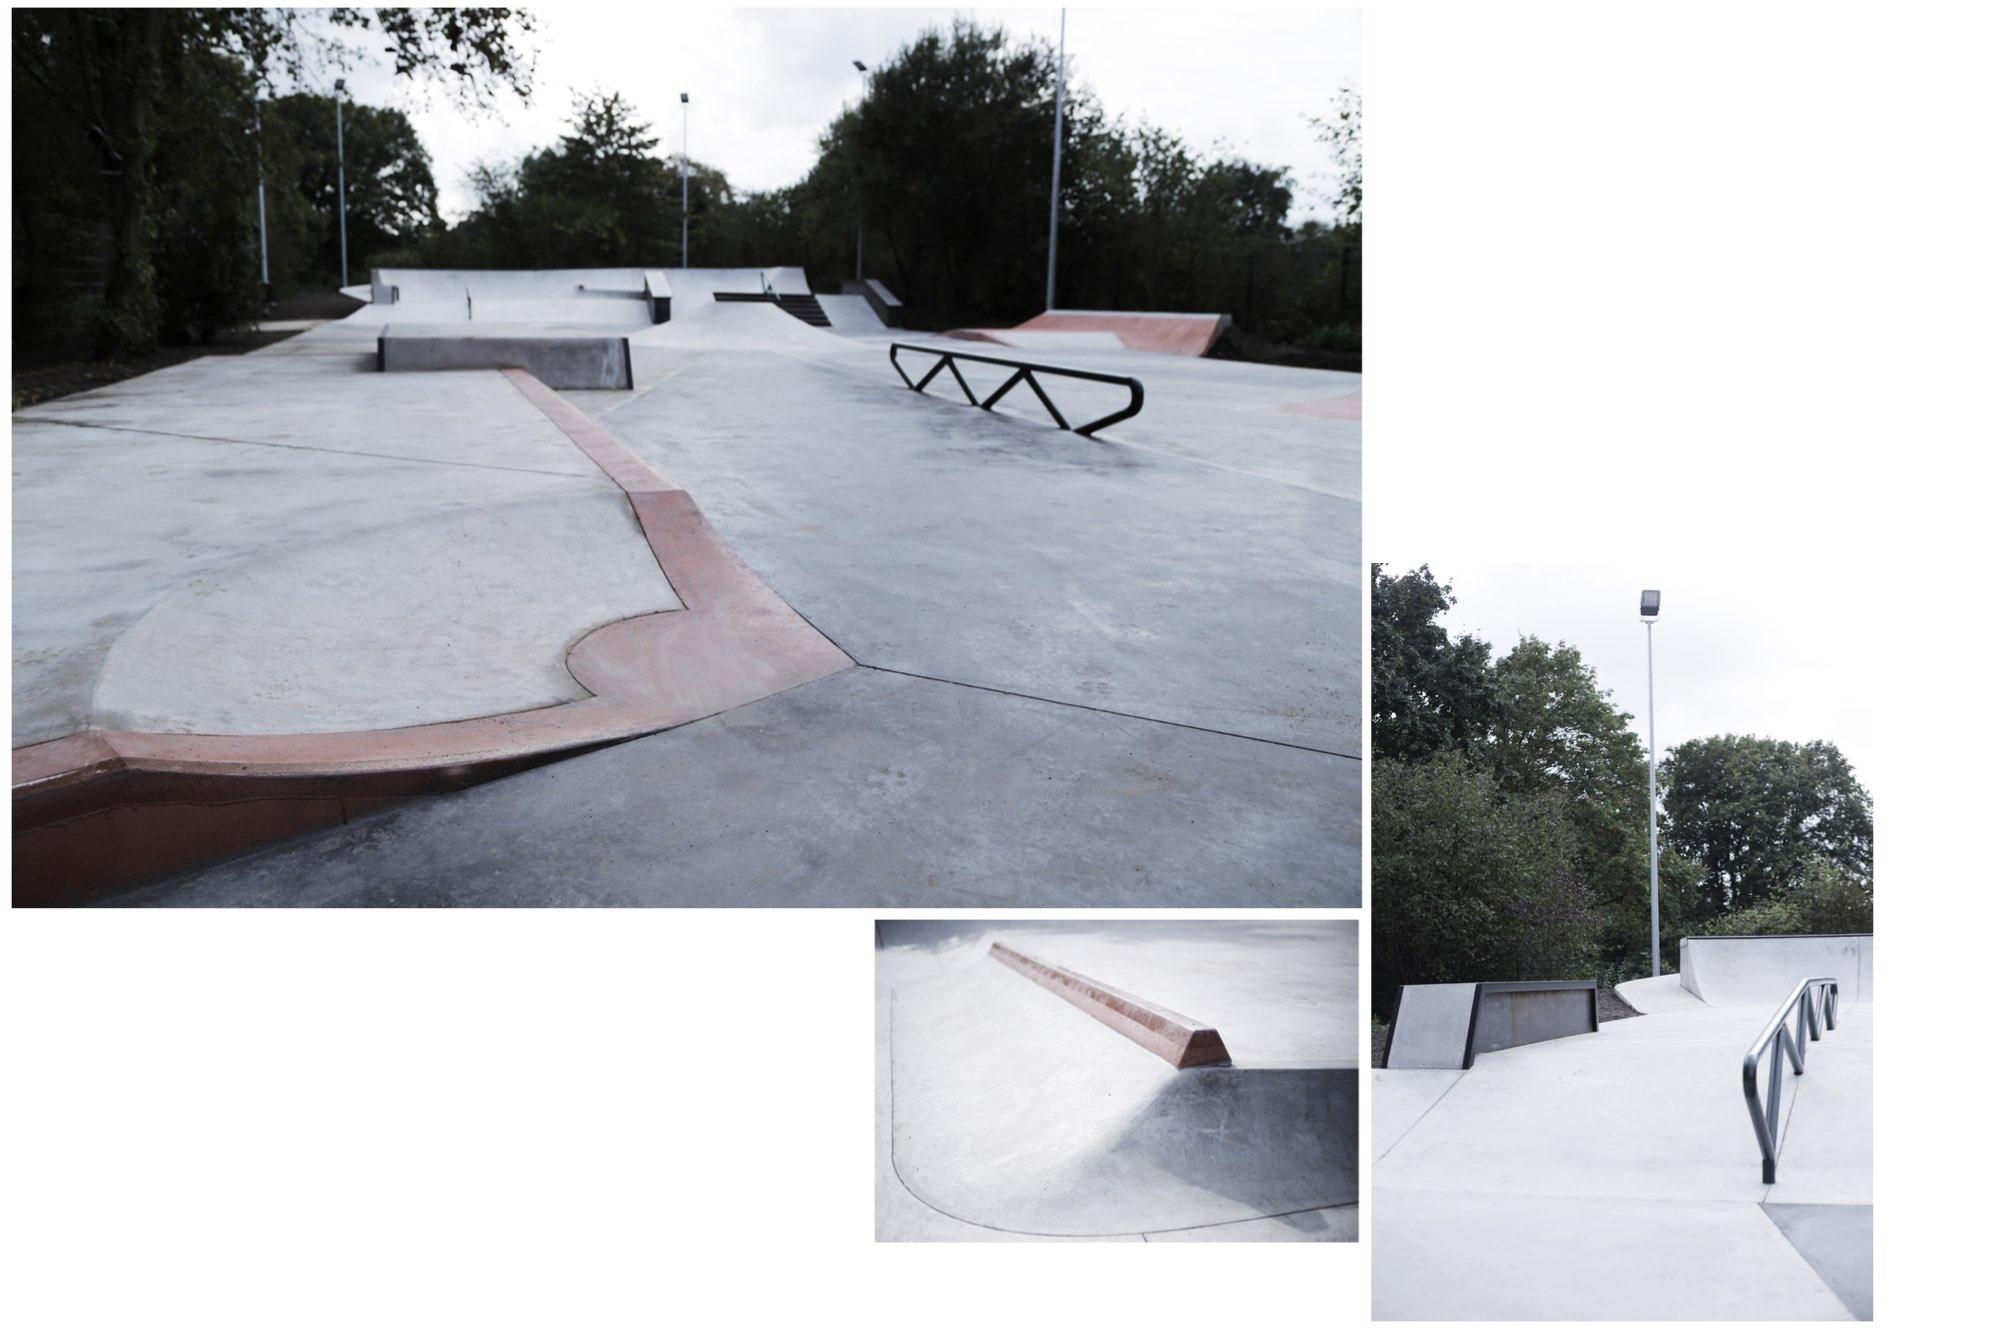 lndskt_skatepark_planung_dinslaken_01